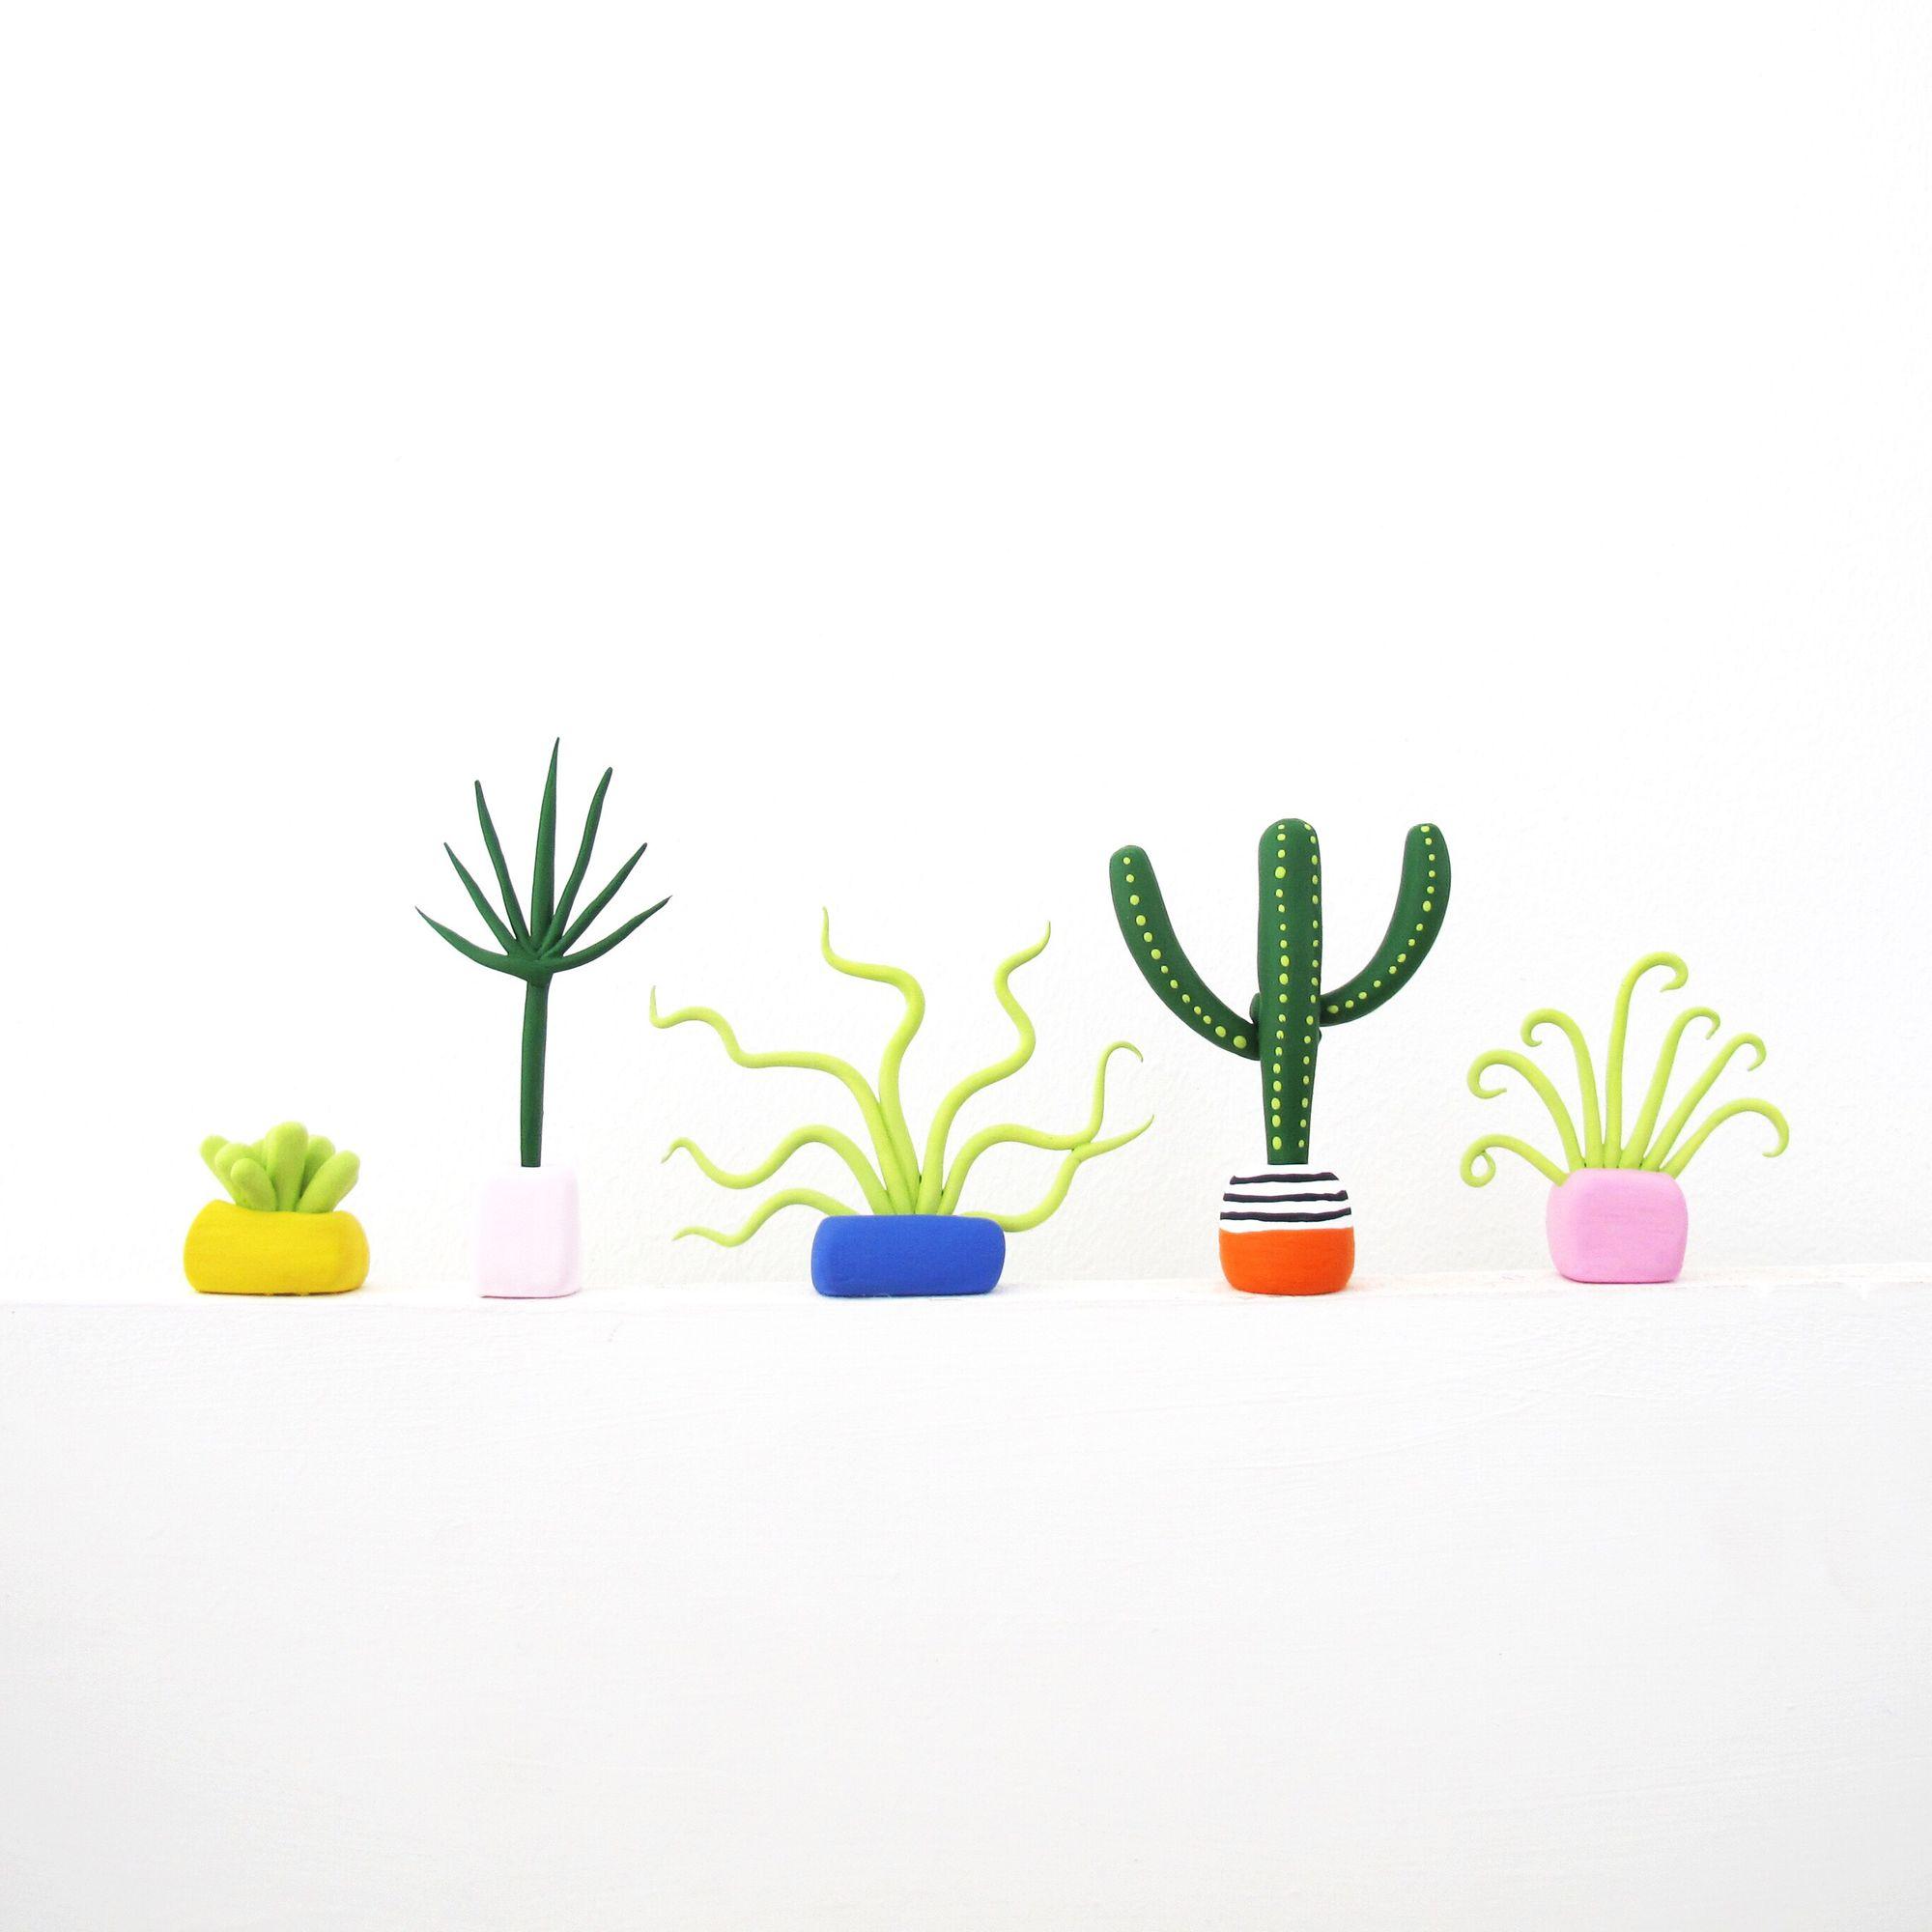 Необычные растения из полимерной глины - Фото 3